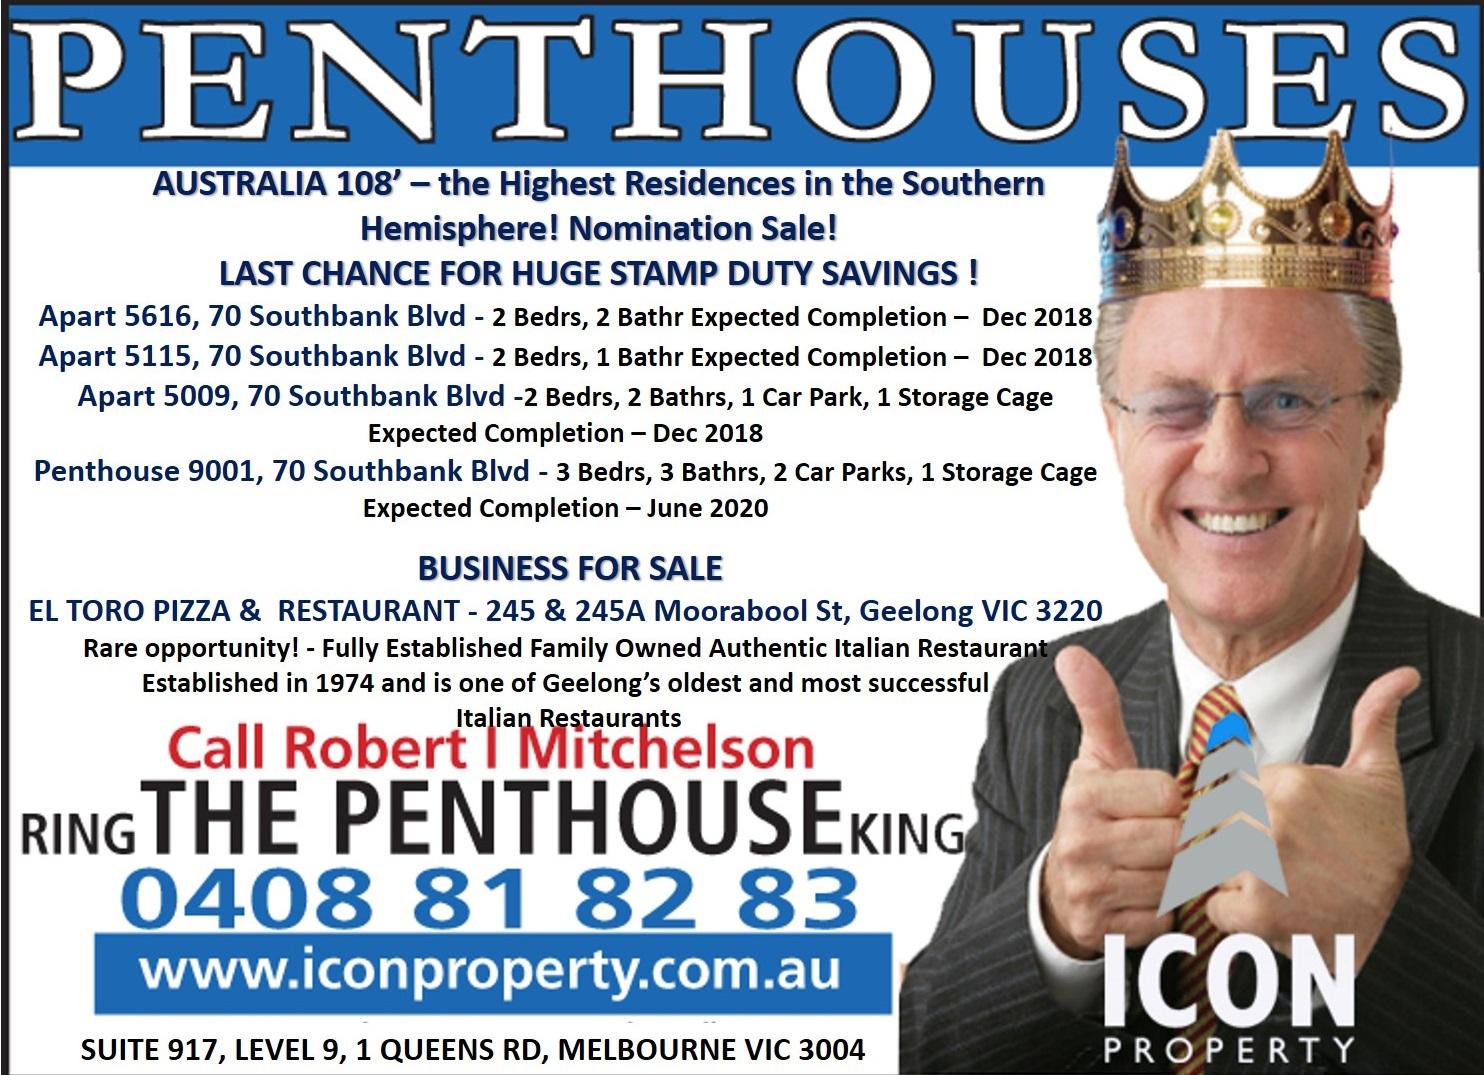 Icon Property Penthouse King OFI 17 18 11 18